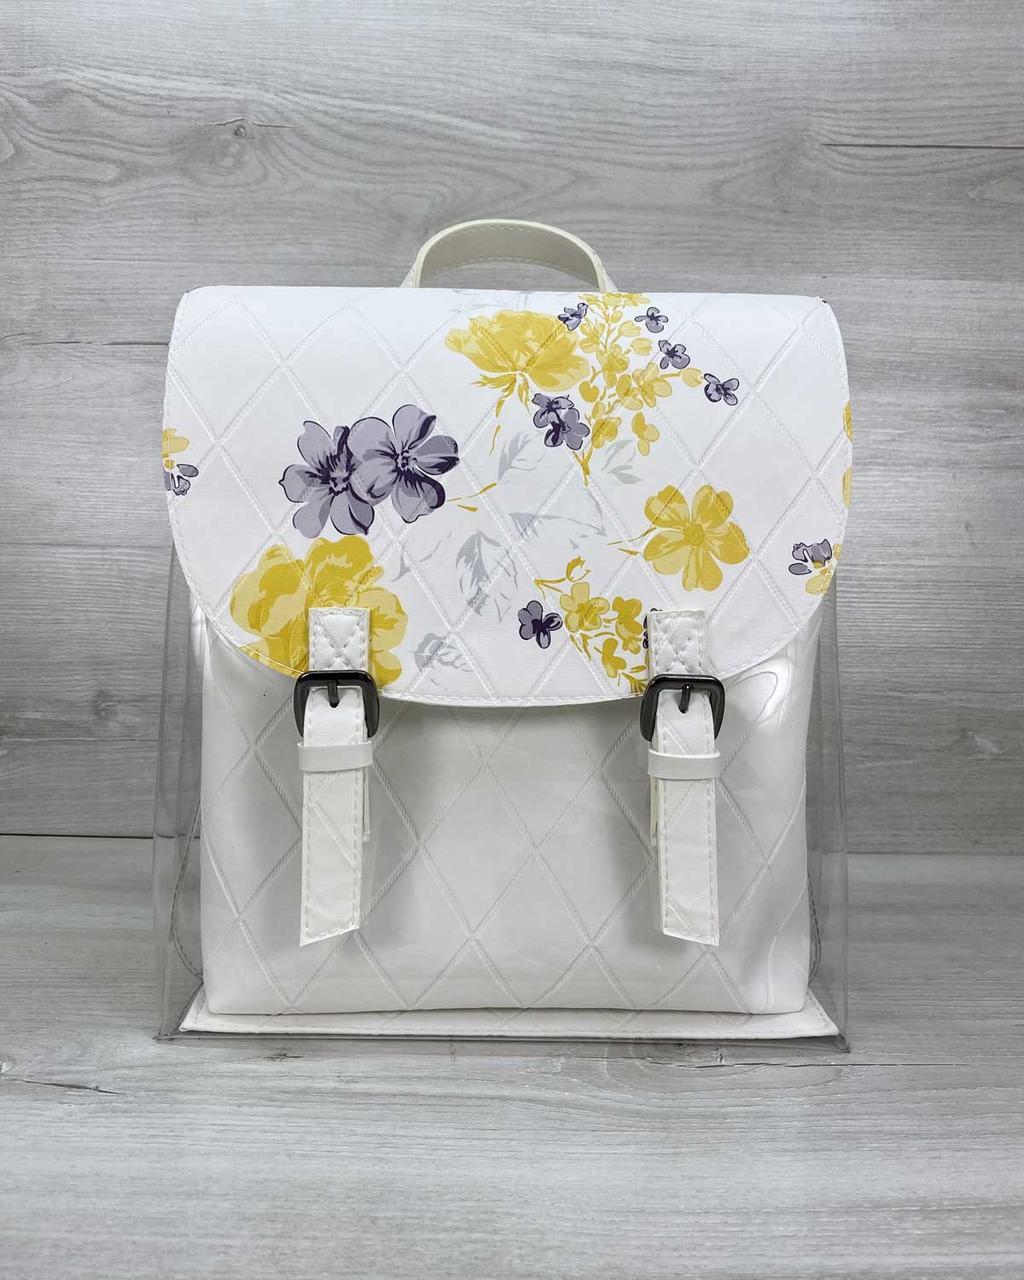 Стильный молодежный сумка-рюкзак женский городской повседневный силиконовый с белой косметичкой